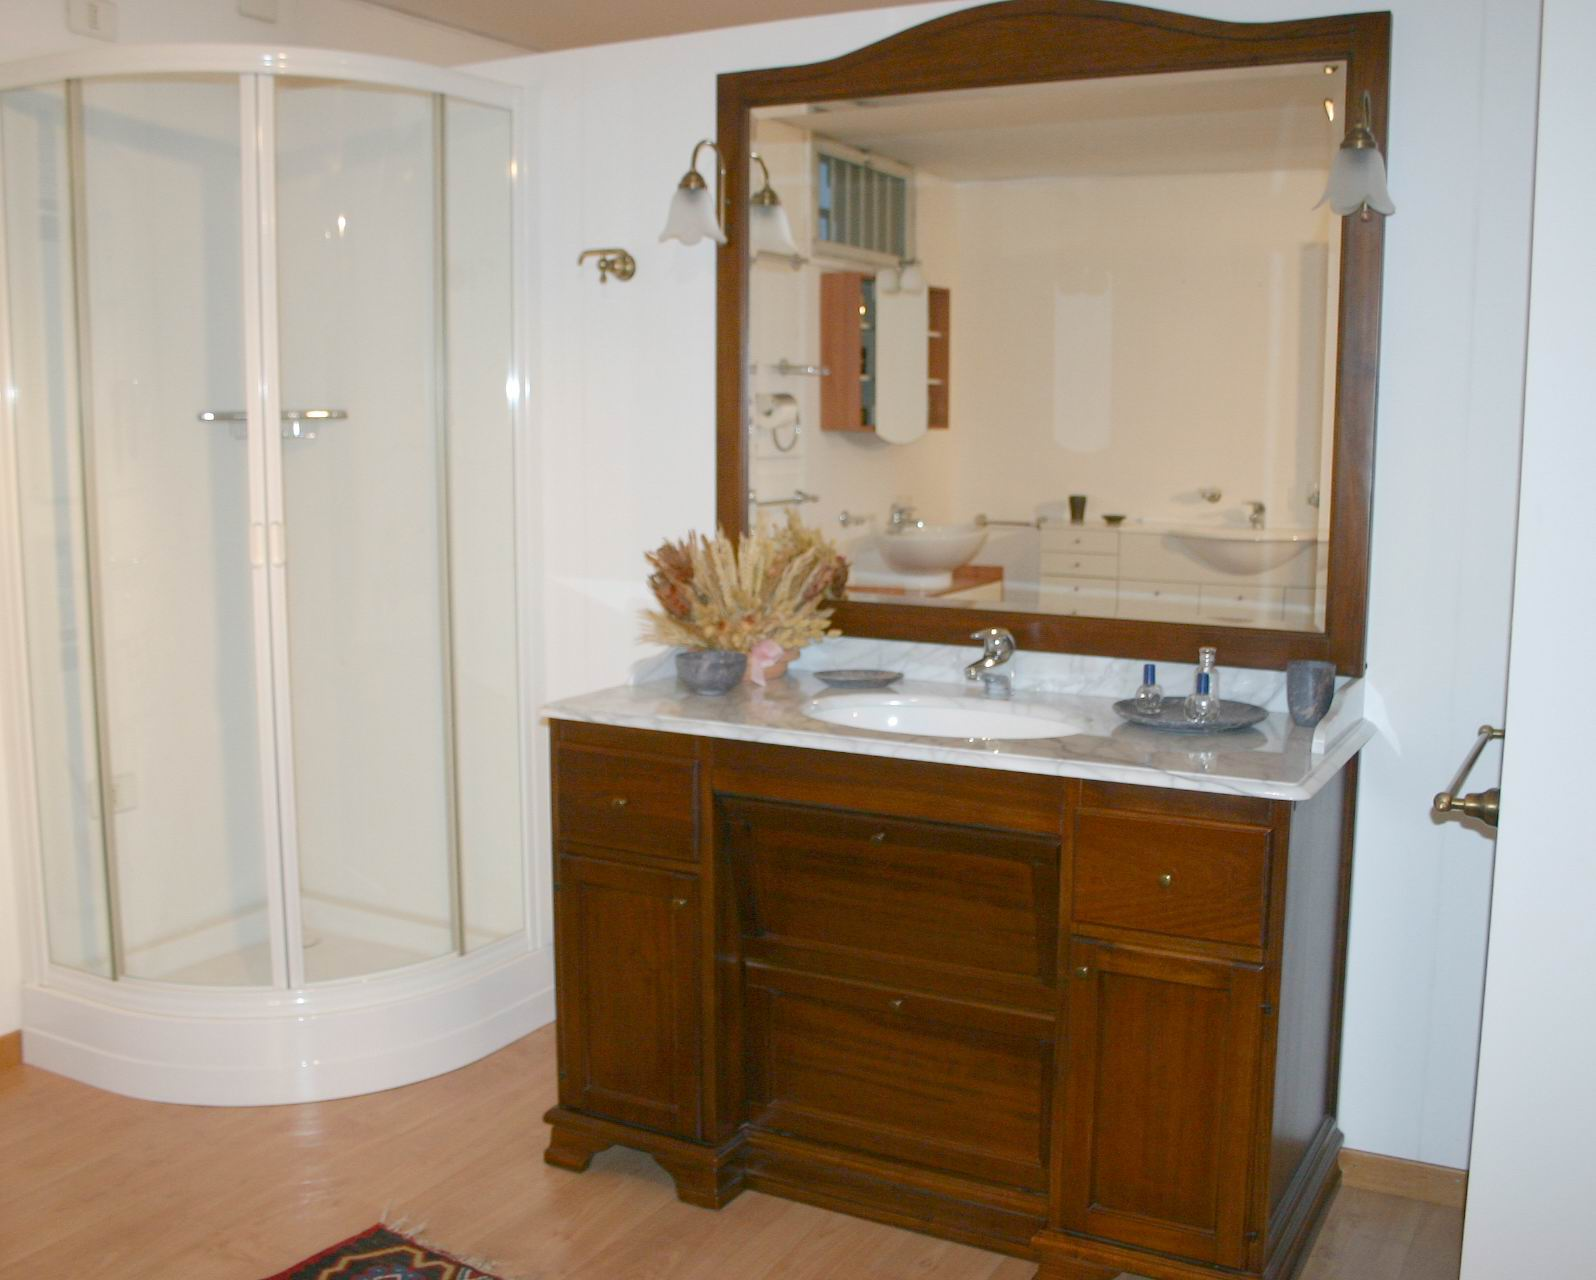 Mobili da bagno scavolini idee per la casa douglasfalls.com